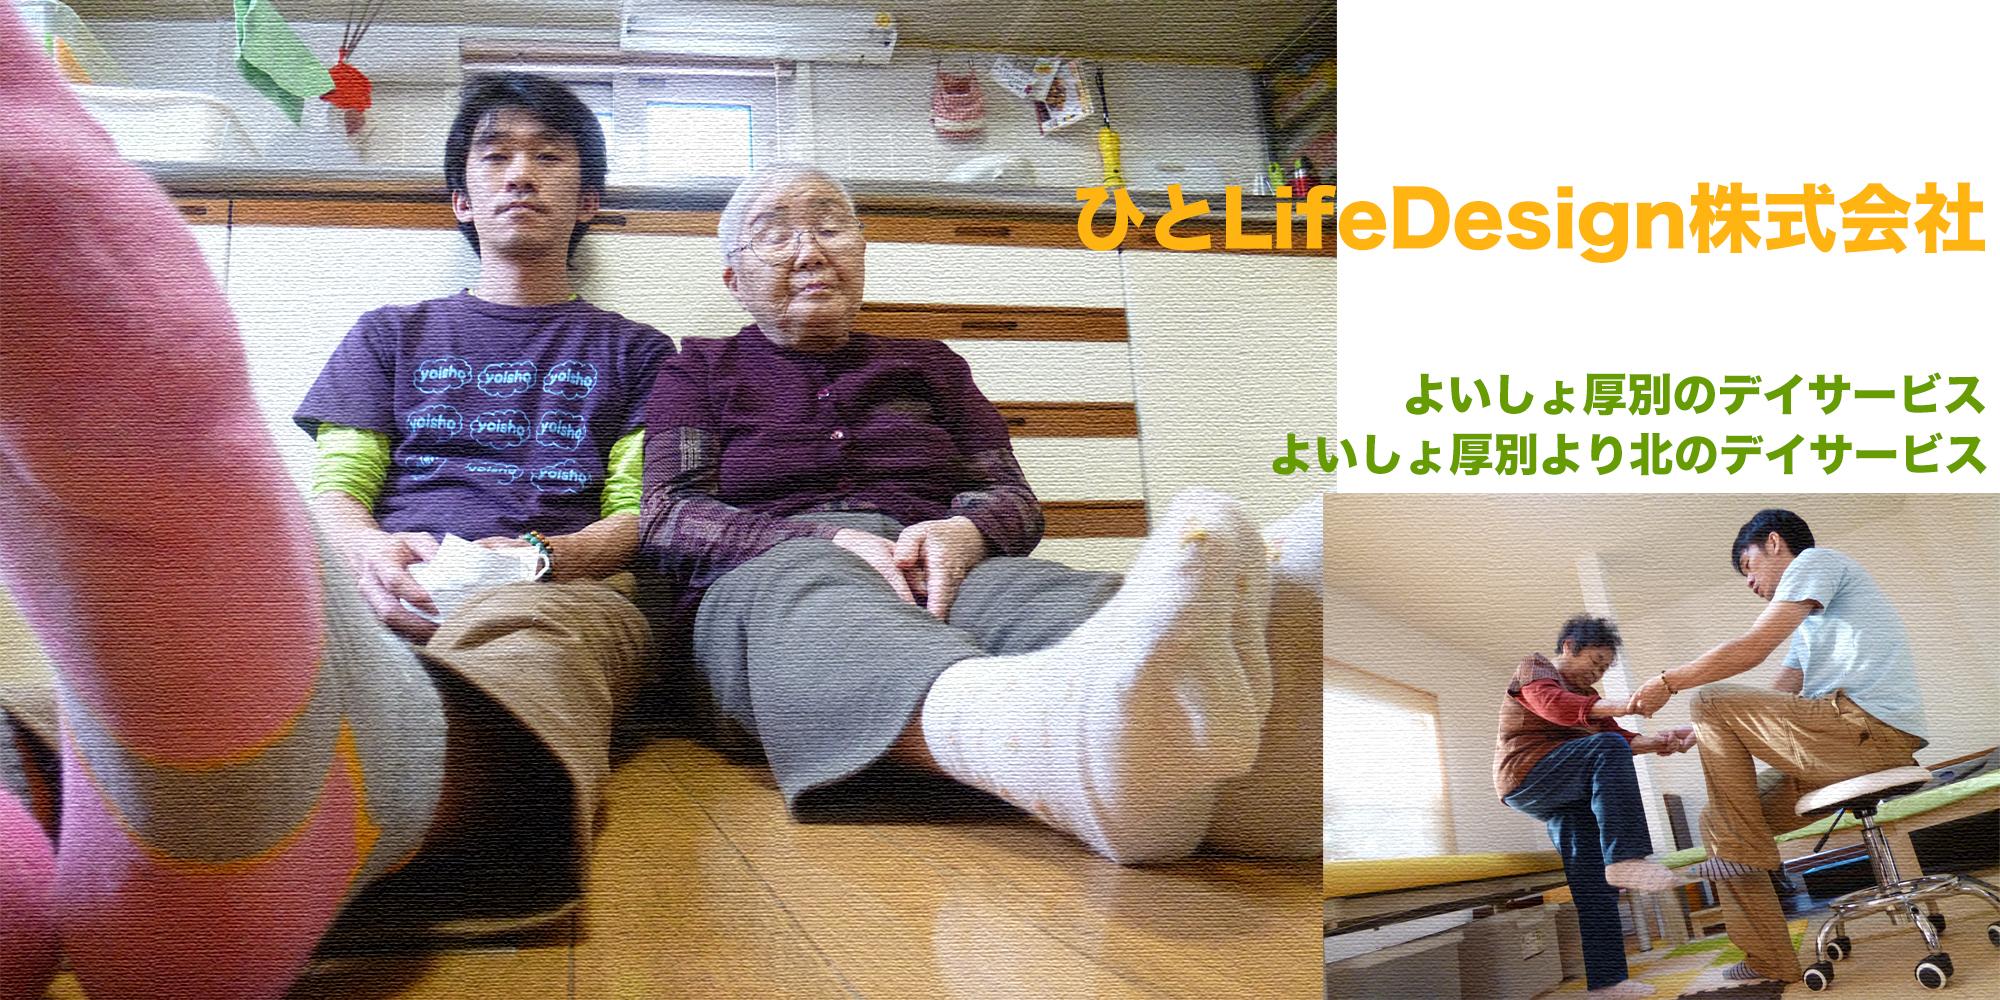 ひとLifeDesign株式会社【公式】